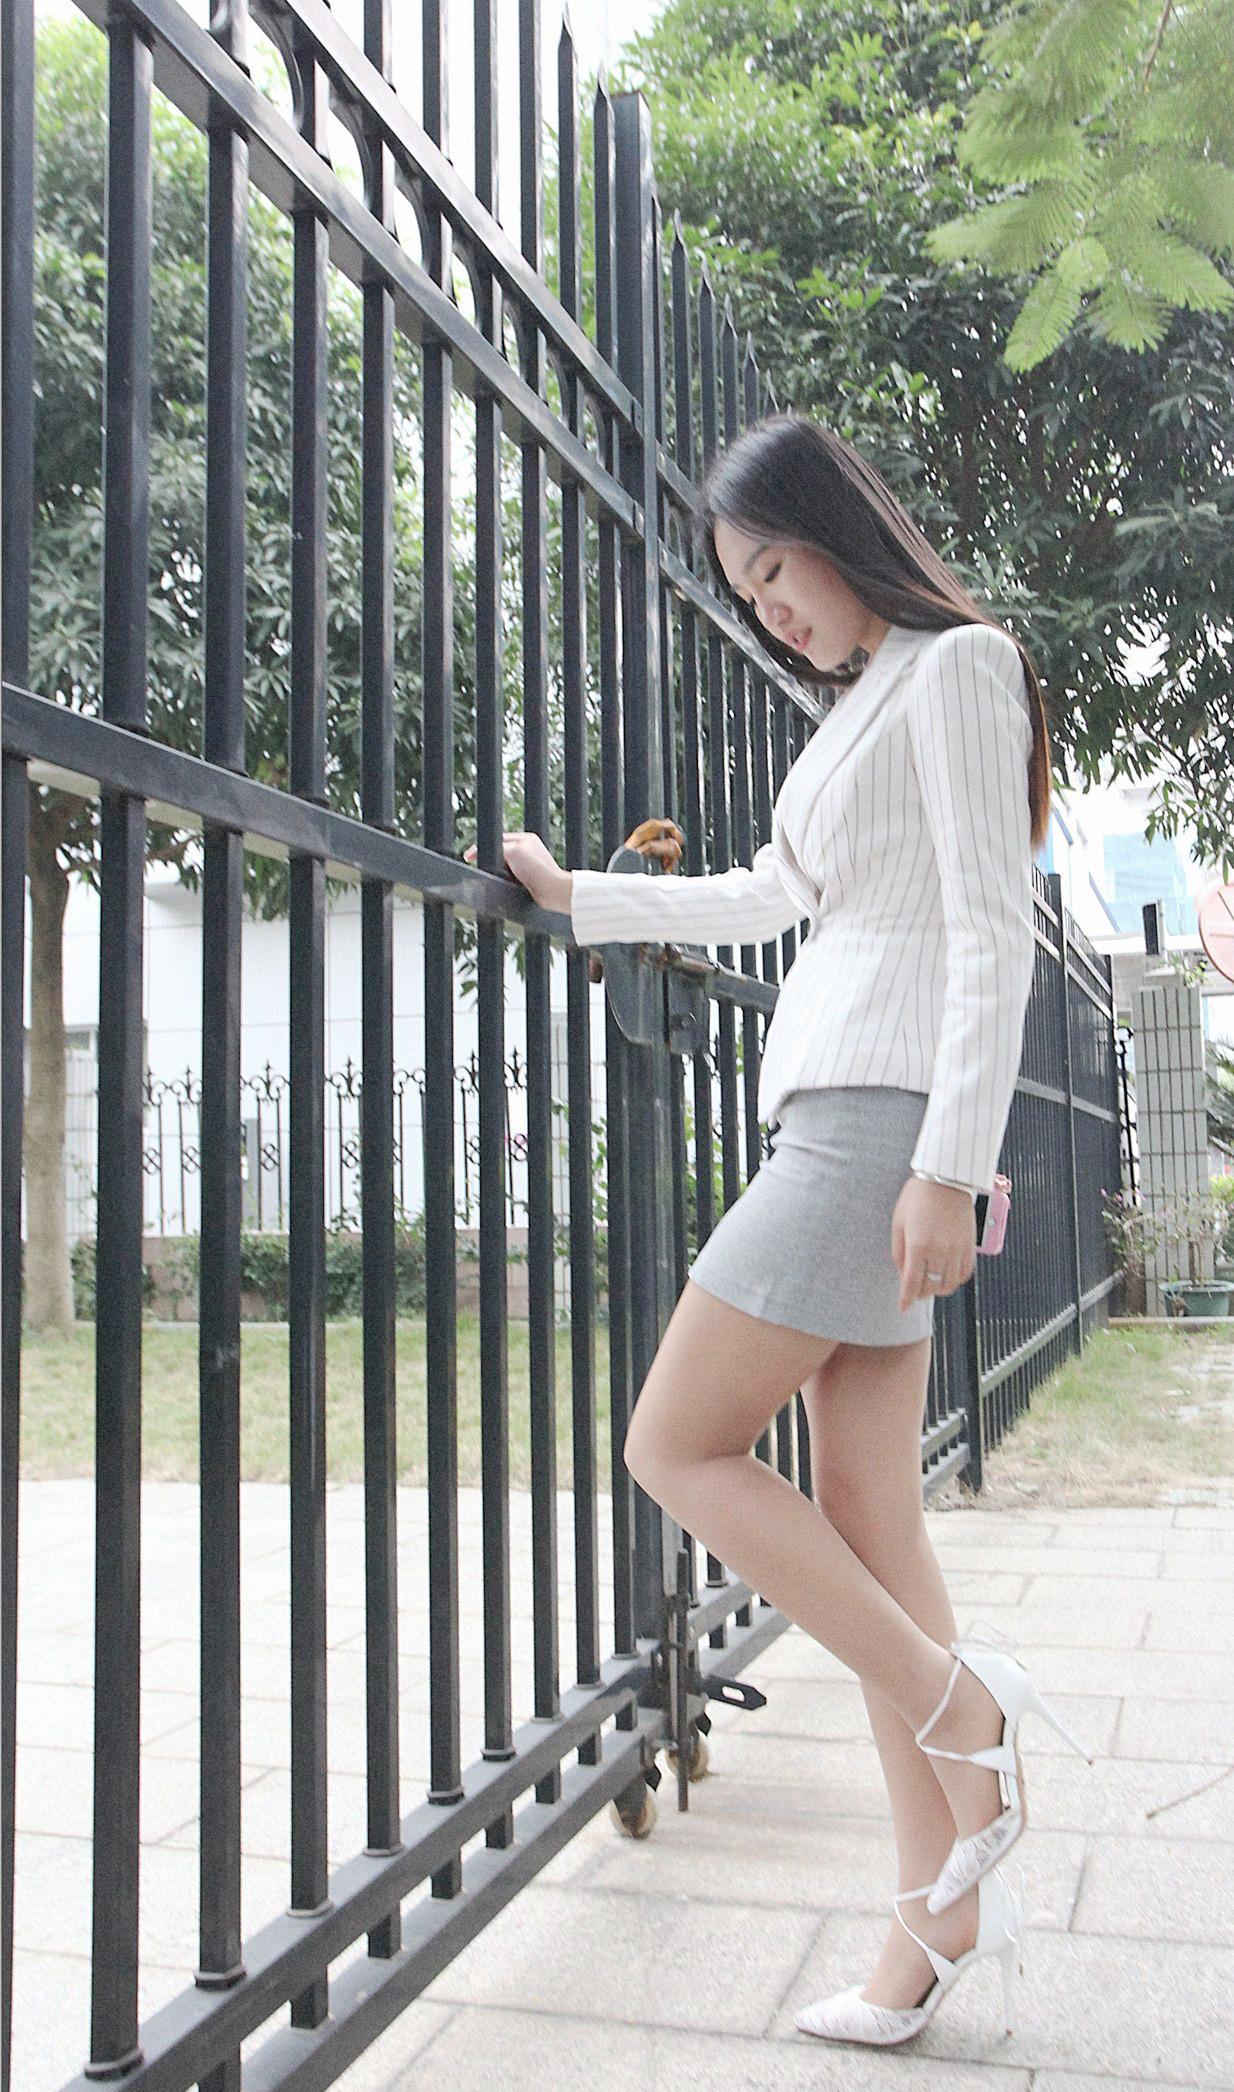 柒姐:街拍肉色丝袜高跟鞋短裙美女